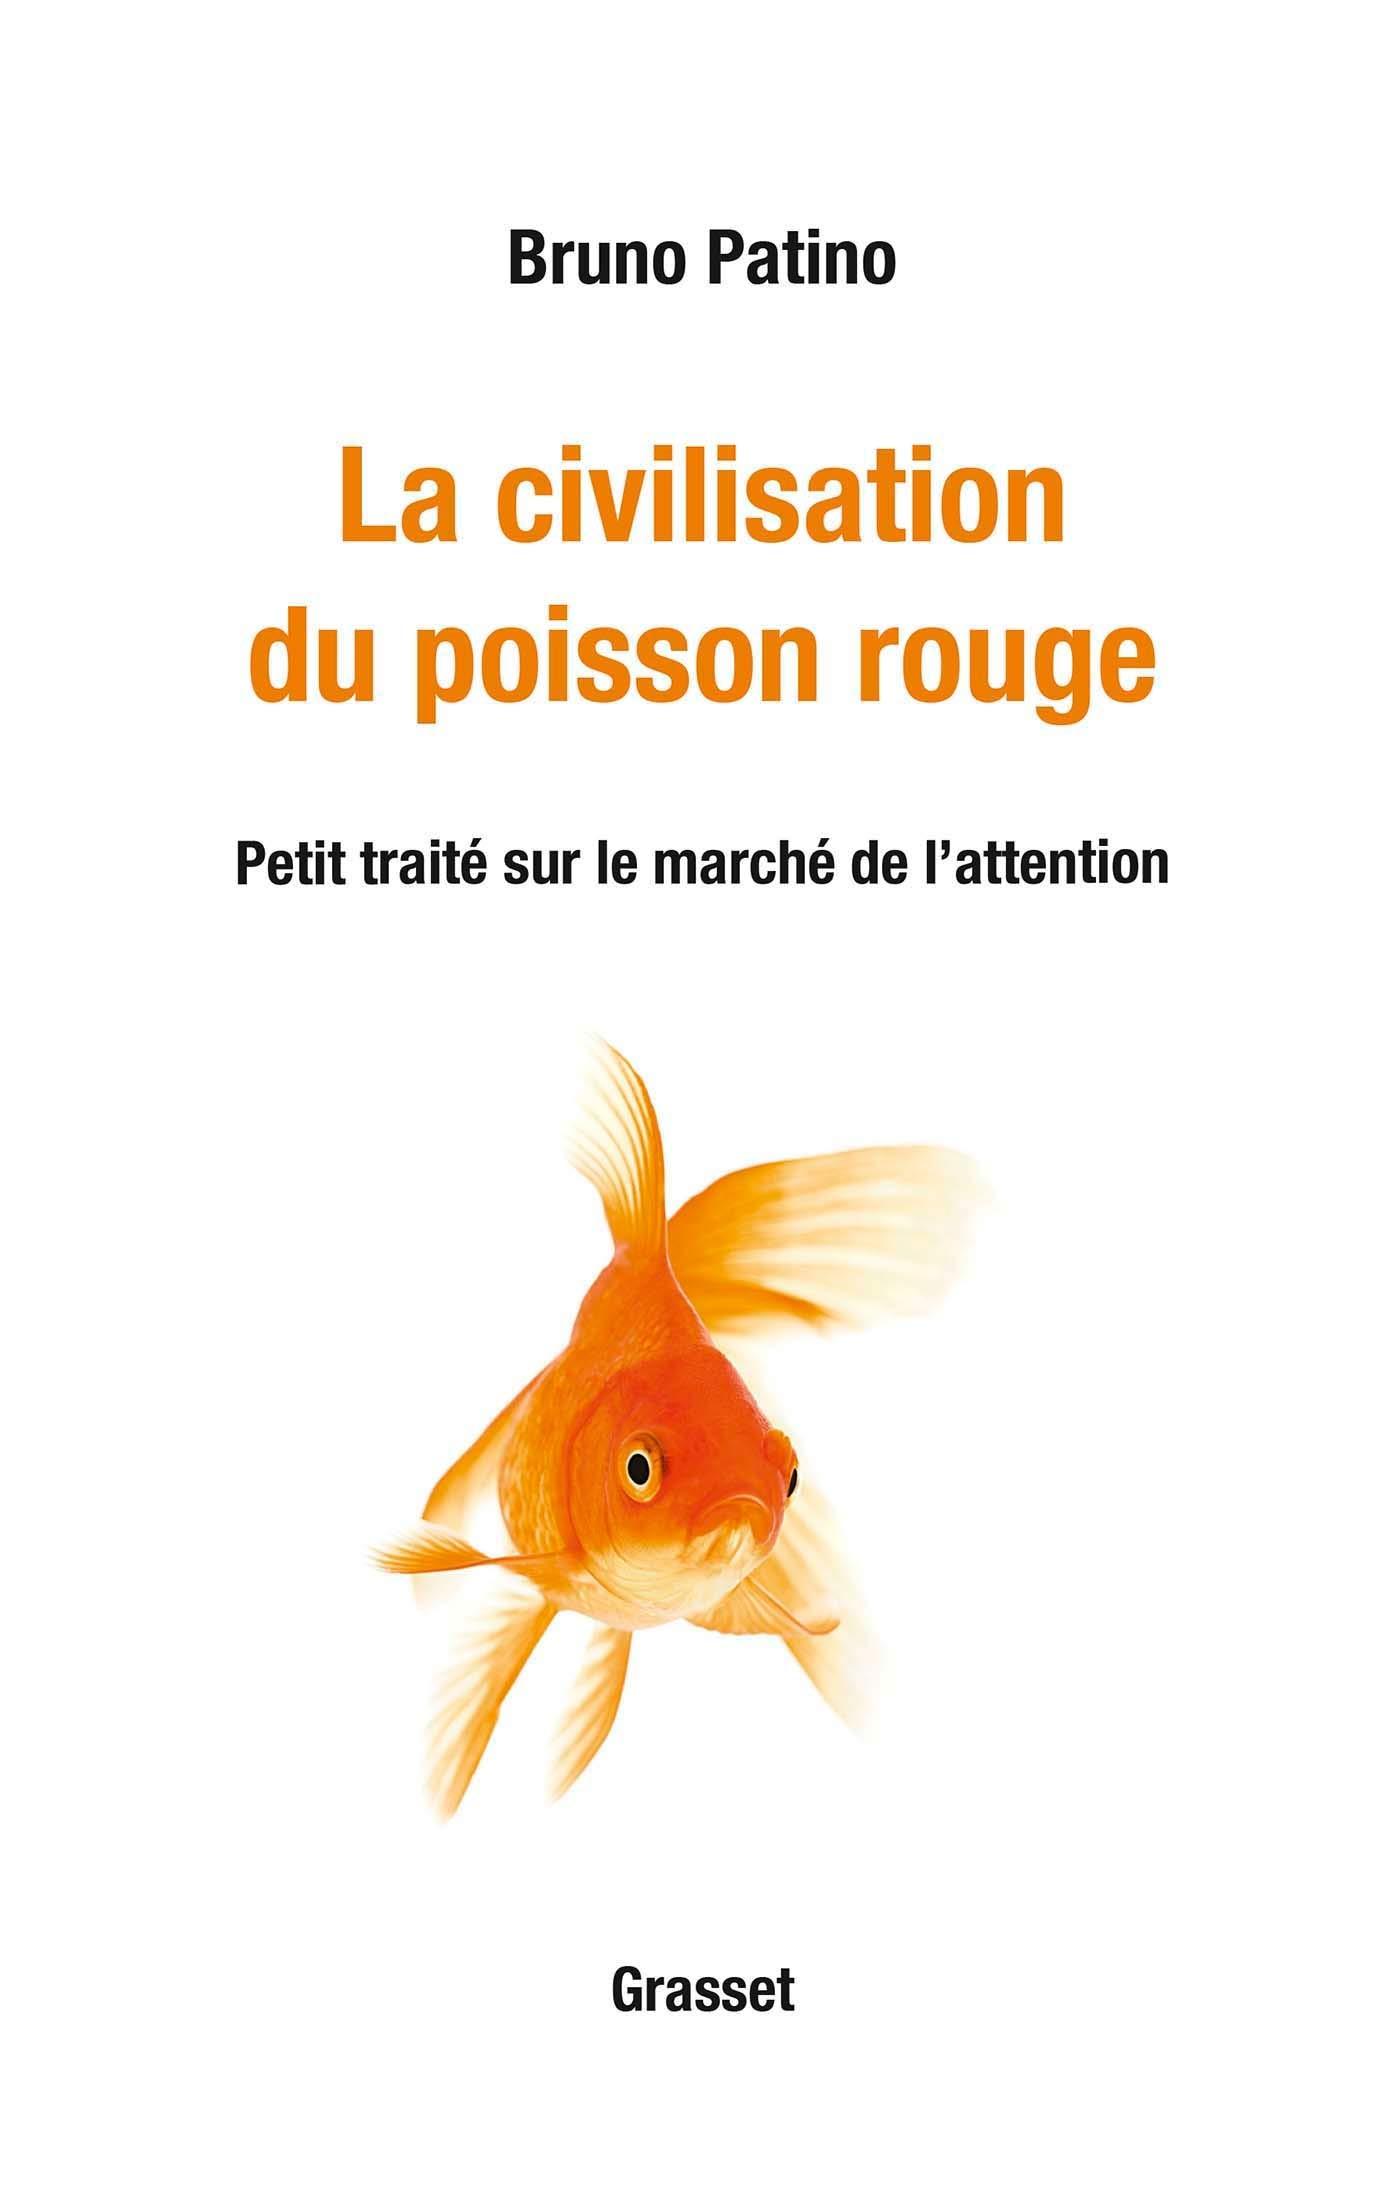 Civilisation du poisson rouge